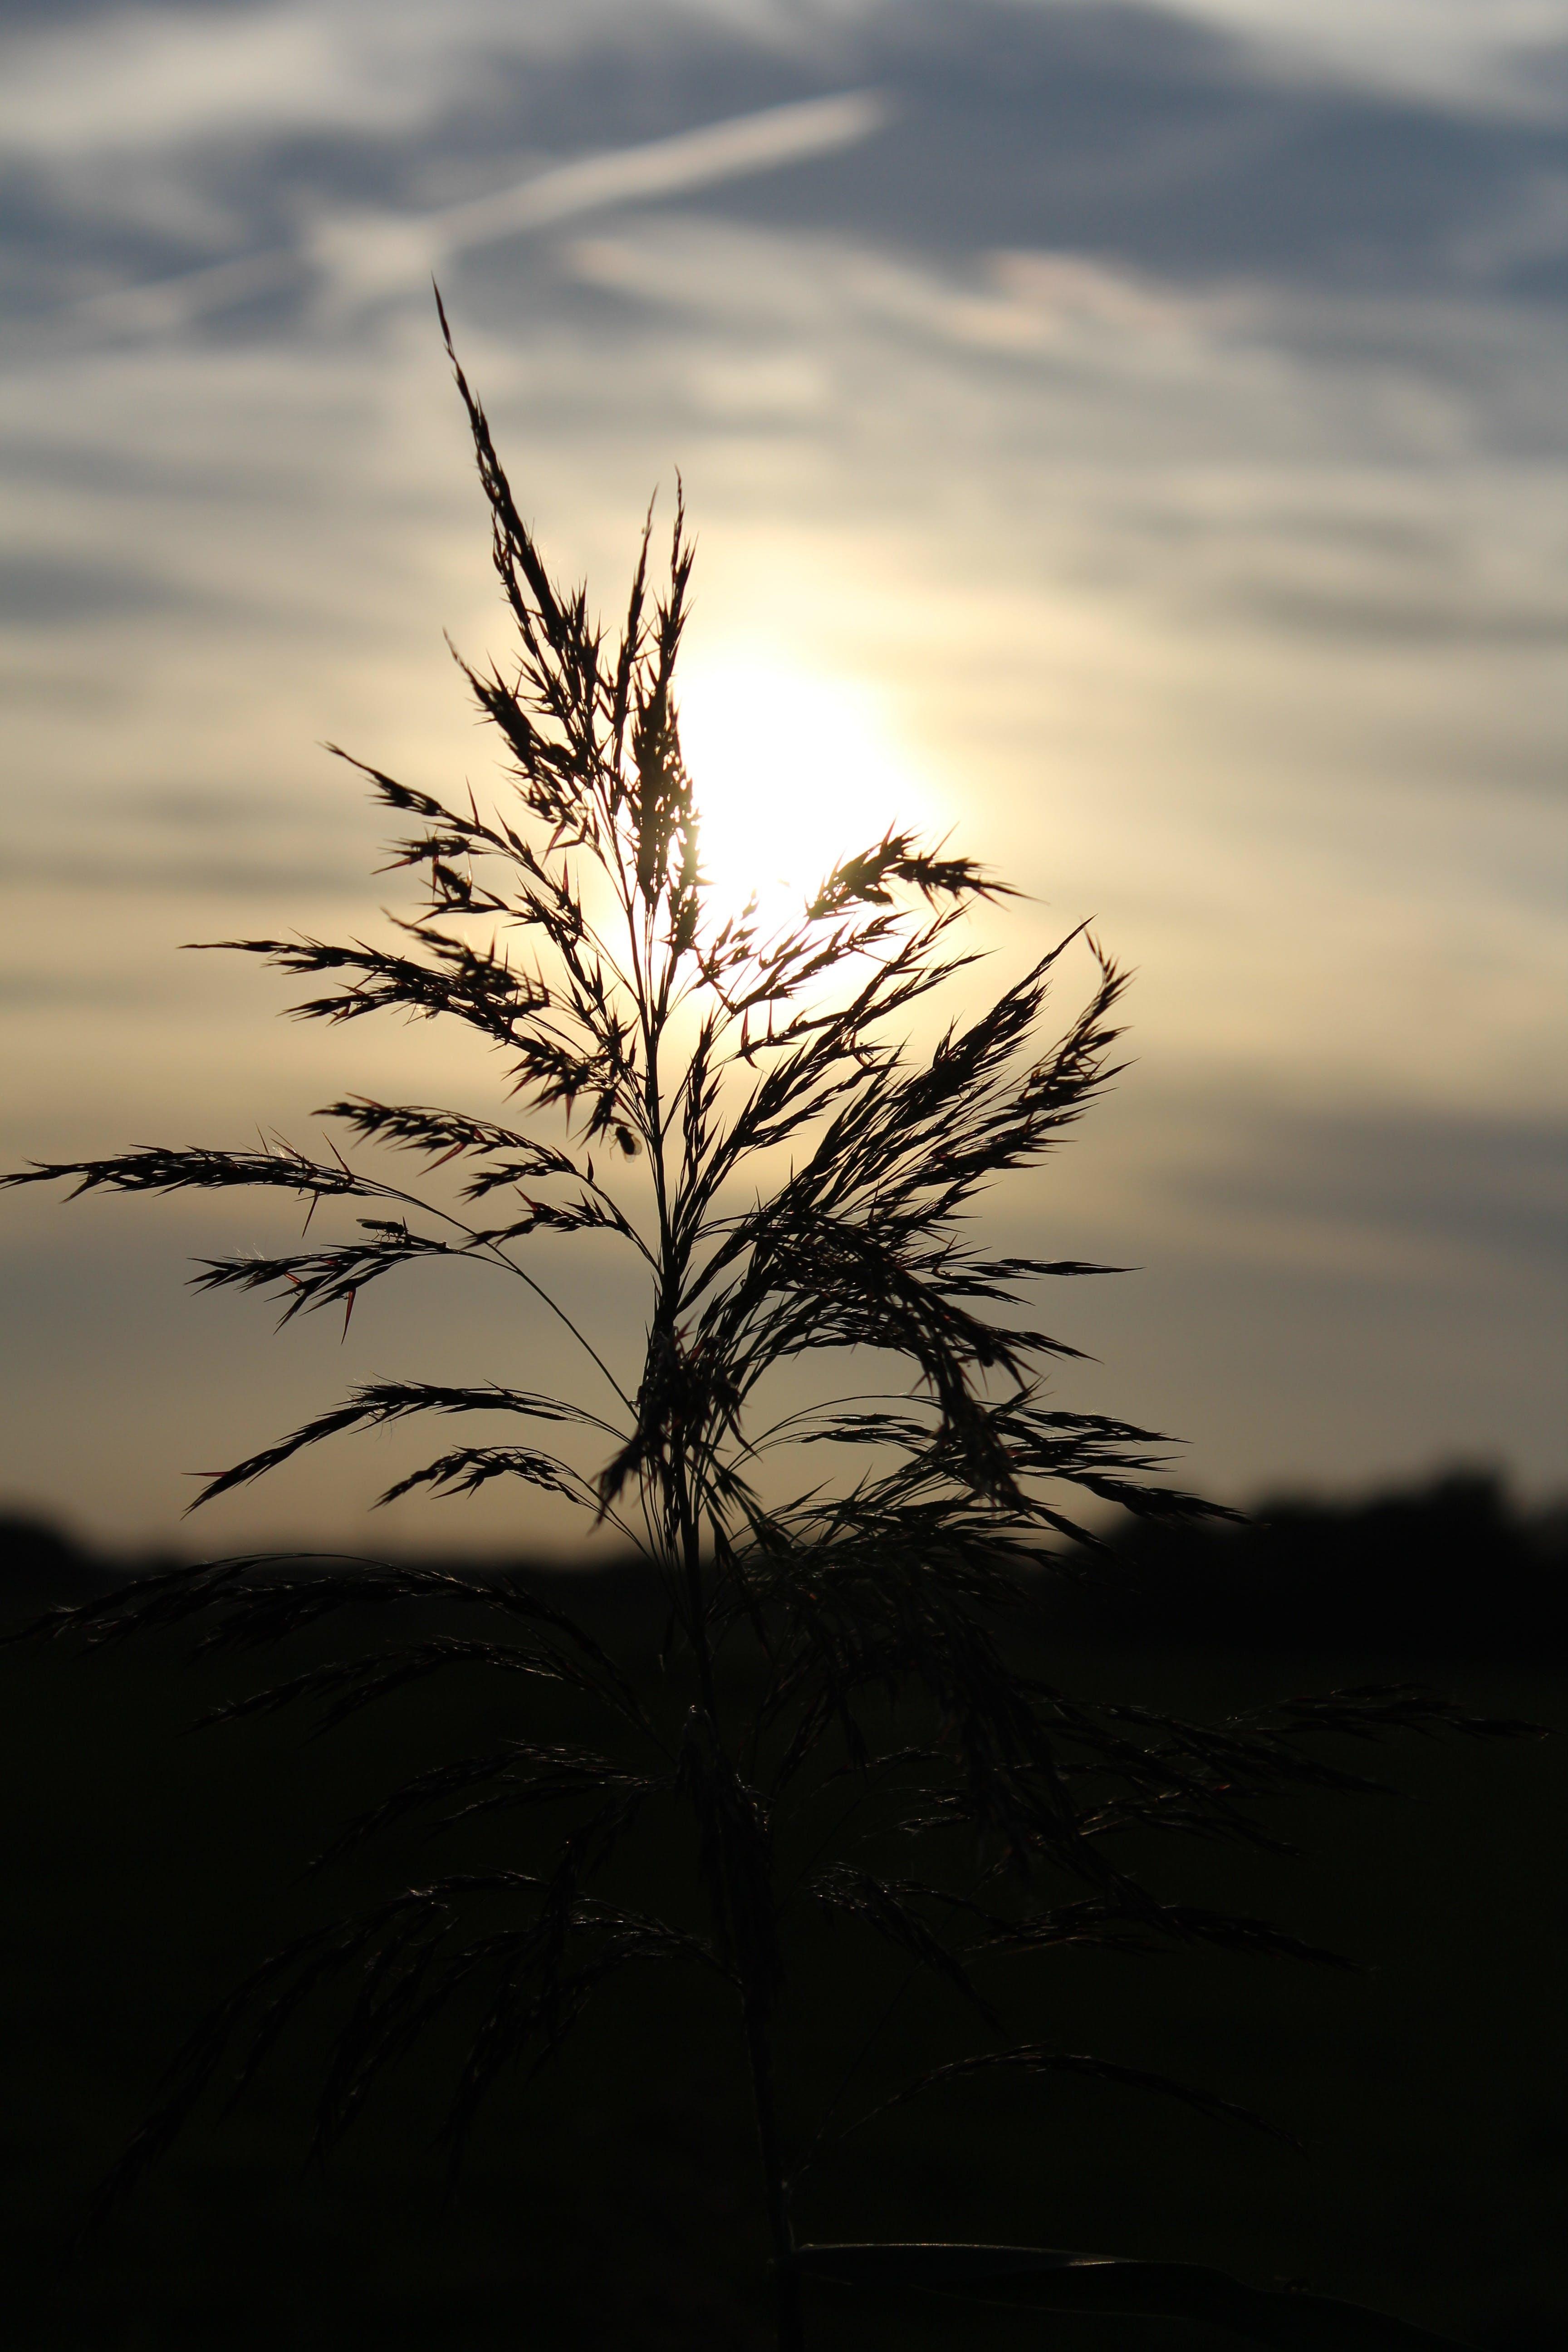 バックライト付き, 光, 夏, 夕方の無料の写真素材